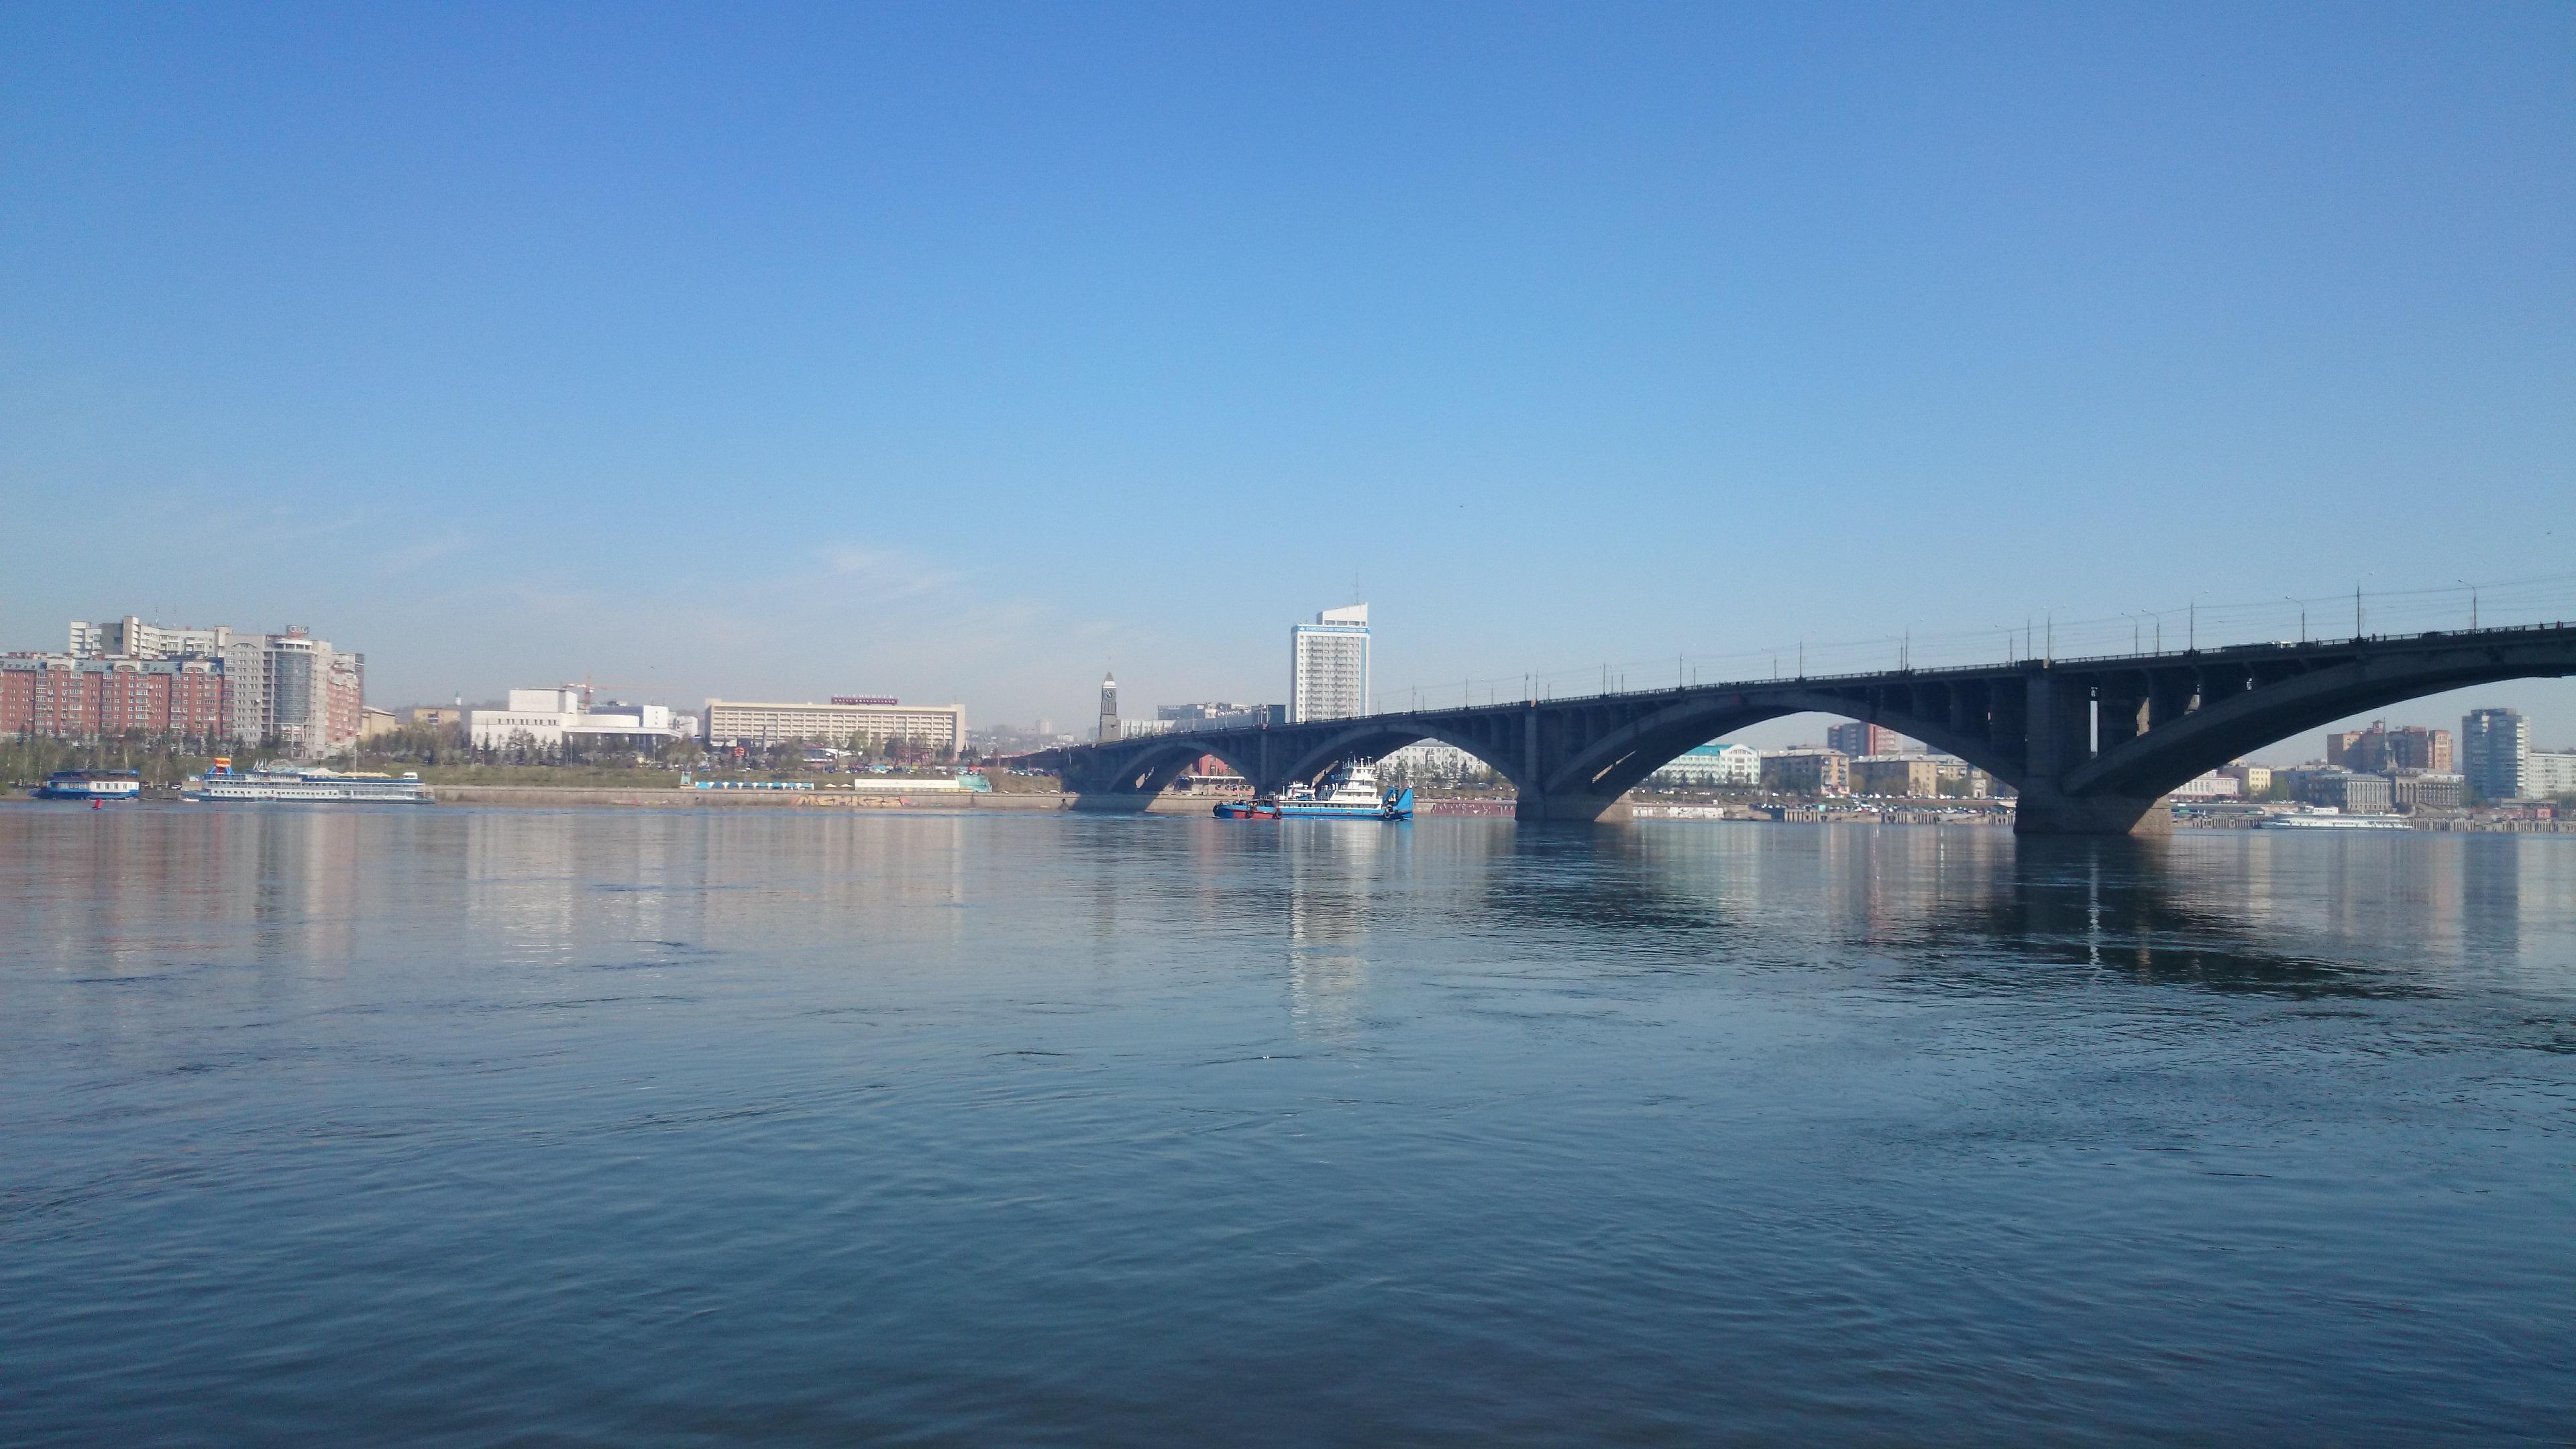 Красноярск Центр Вид на набережную с Острова Отдыха. 9.05.2015 года